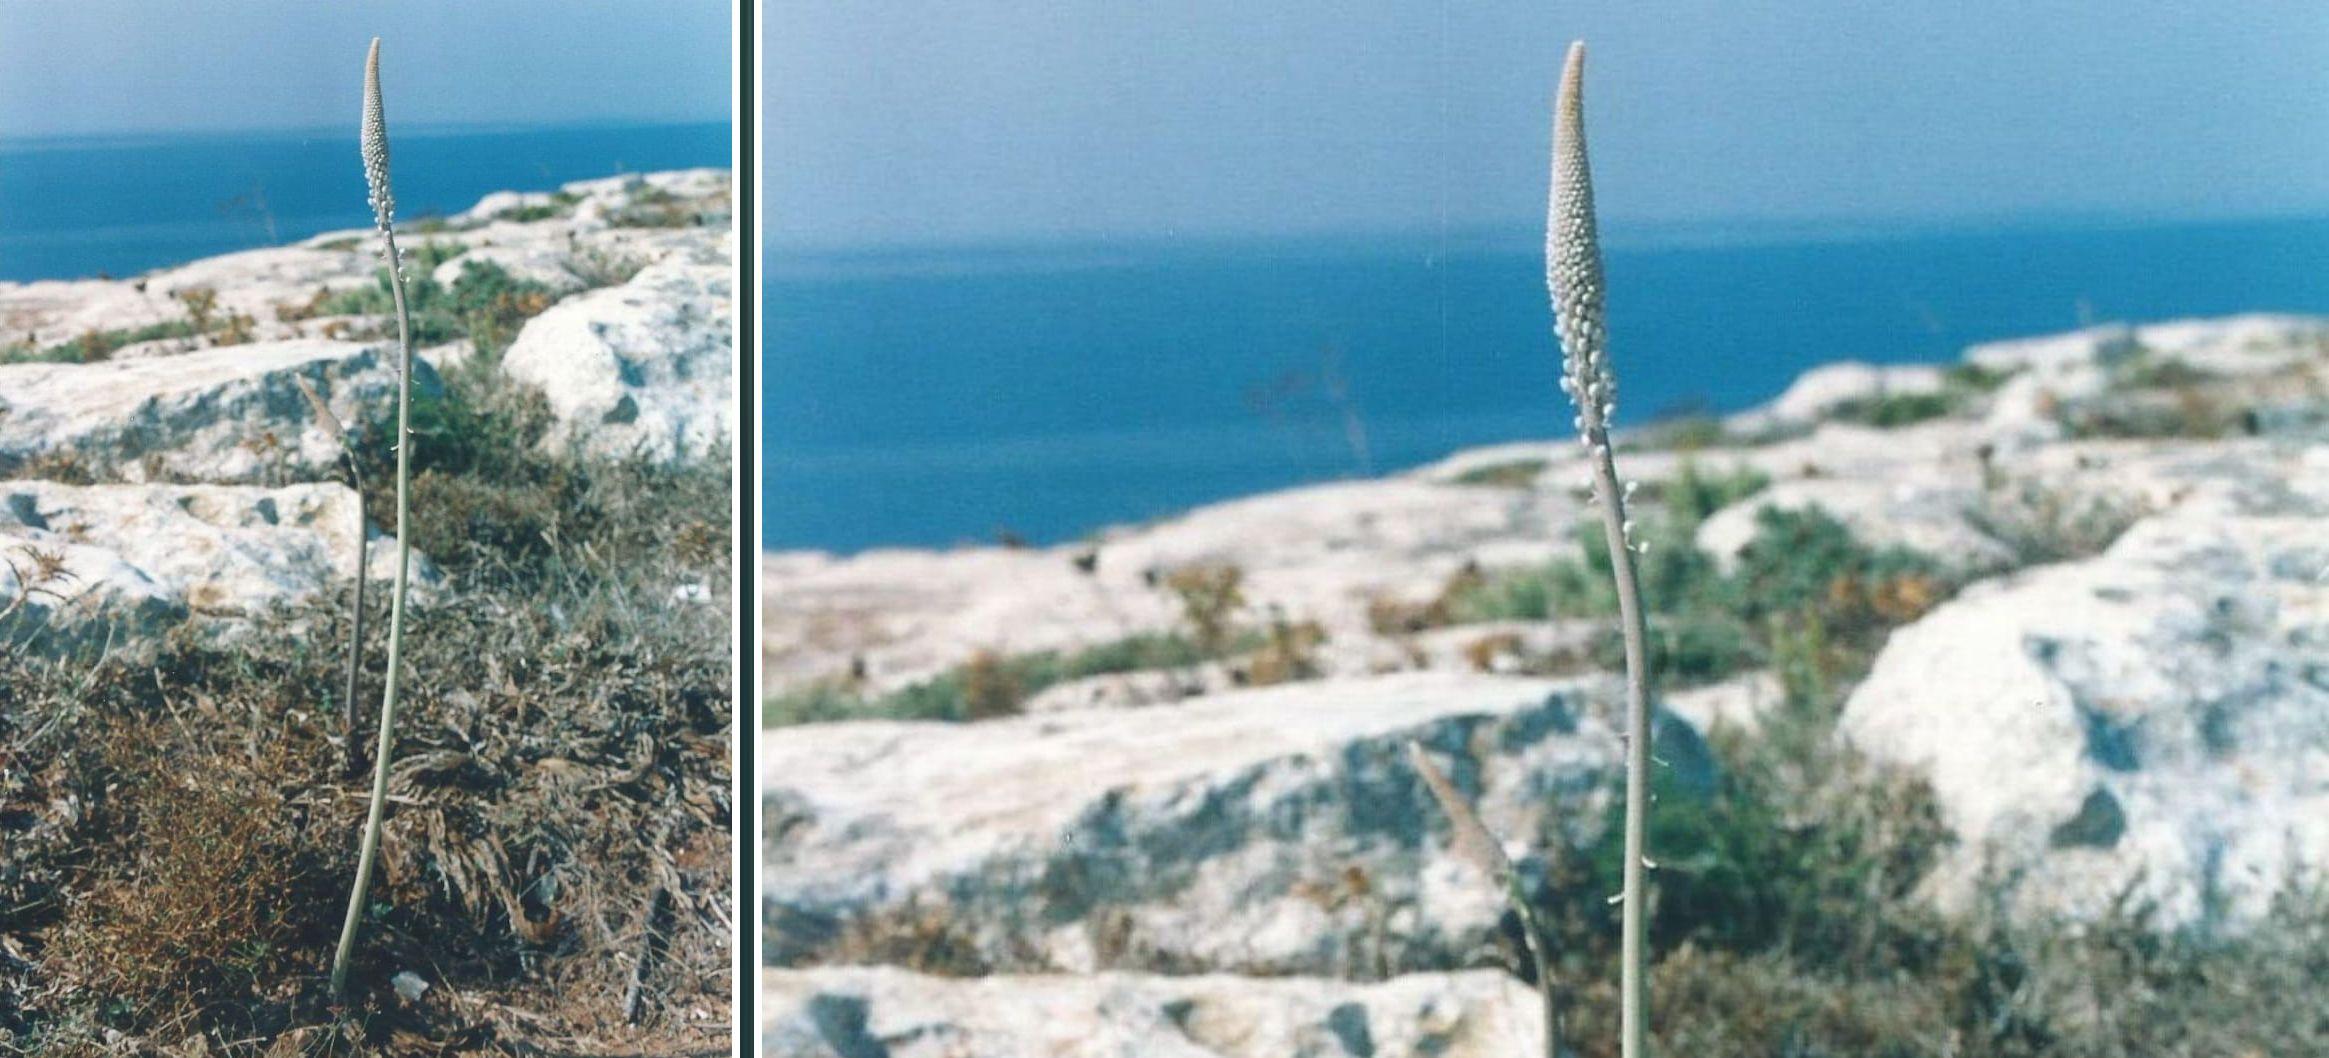 Charybdis sp. (Asparagaceae)